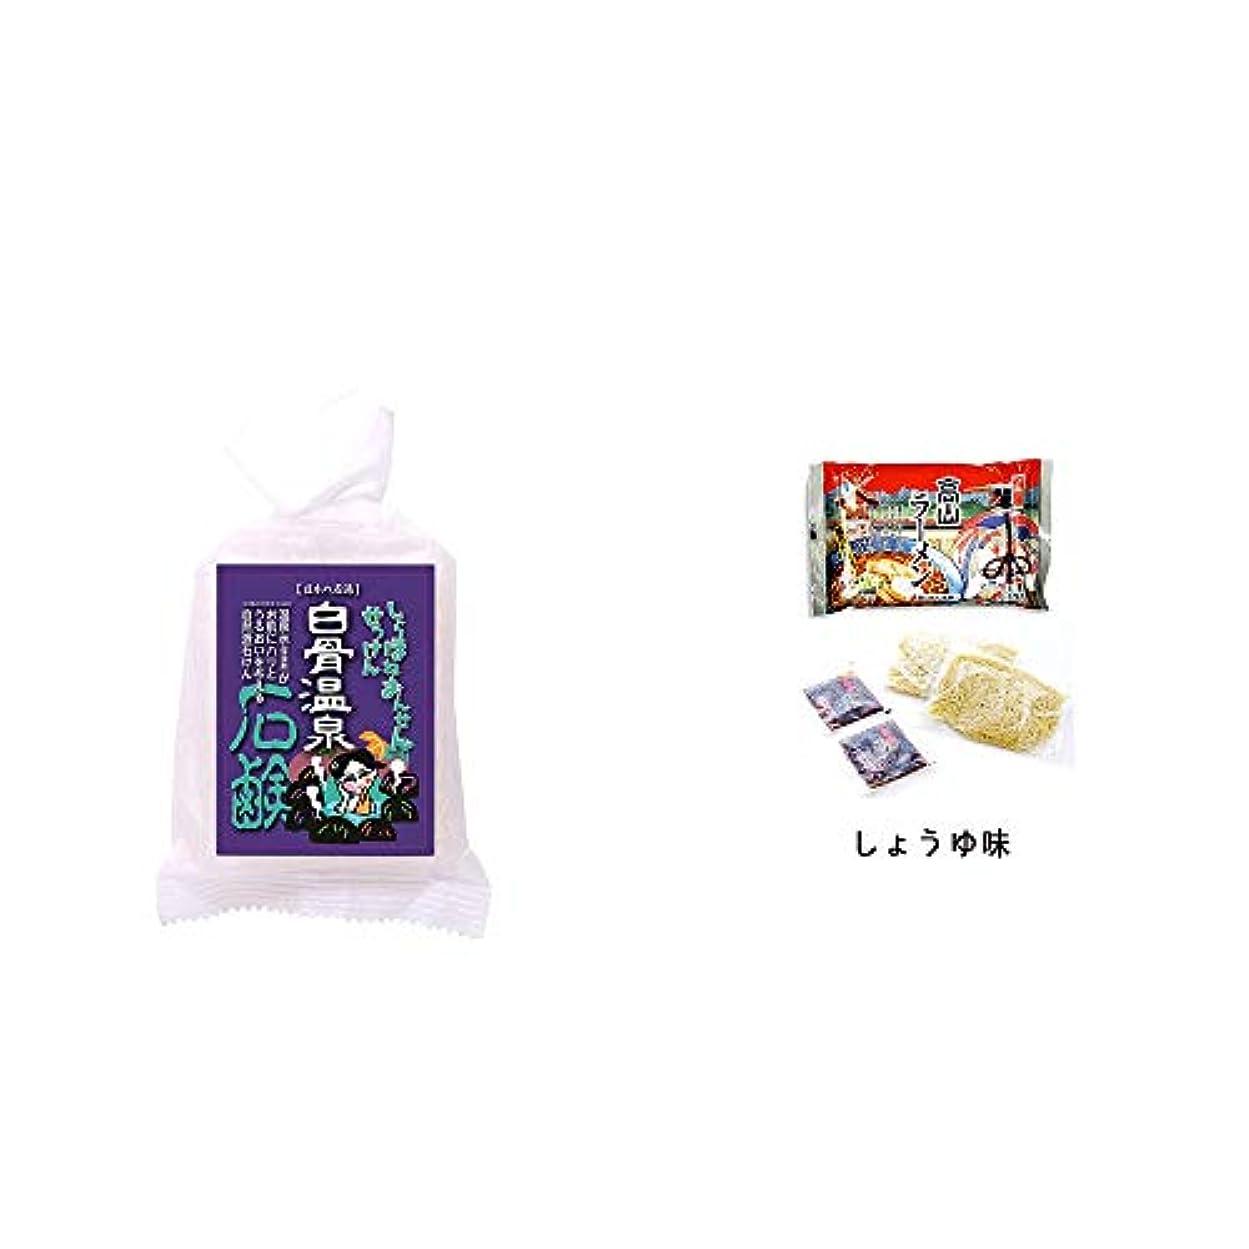 [2点セット] 信州 白骨温泉石鹸(80g)?飛騨高山ラーメン[生麺?スープ付 (しょうゆ味)]